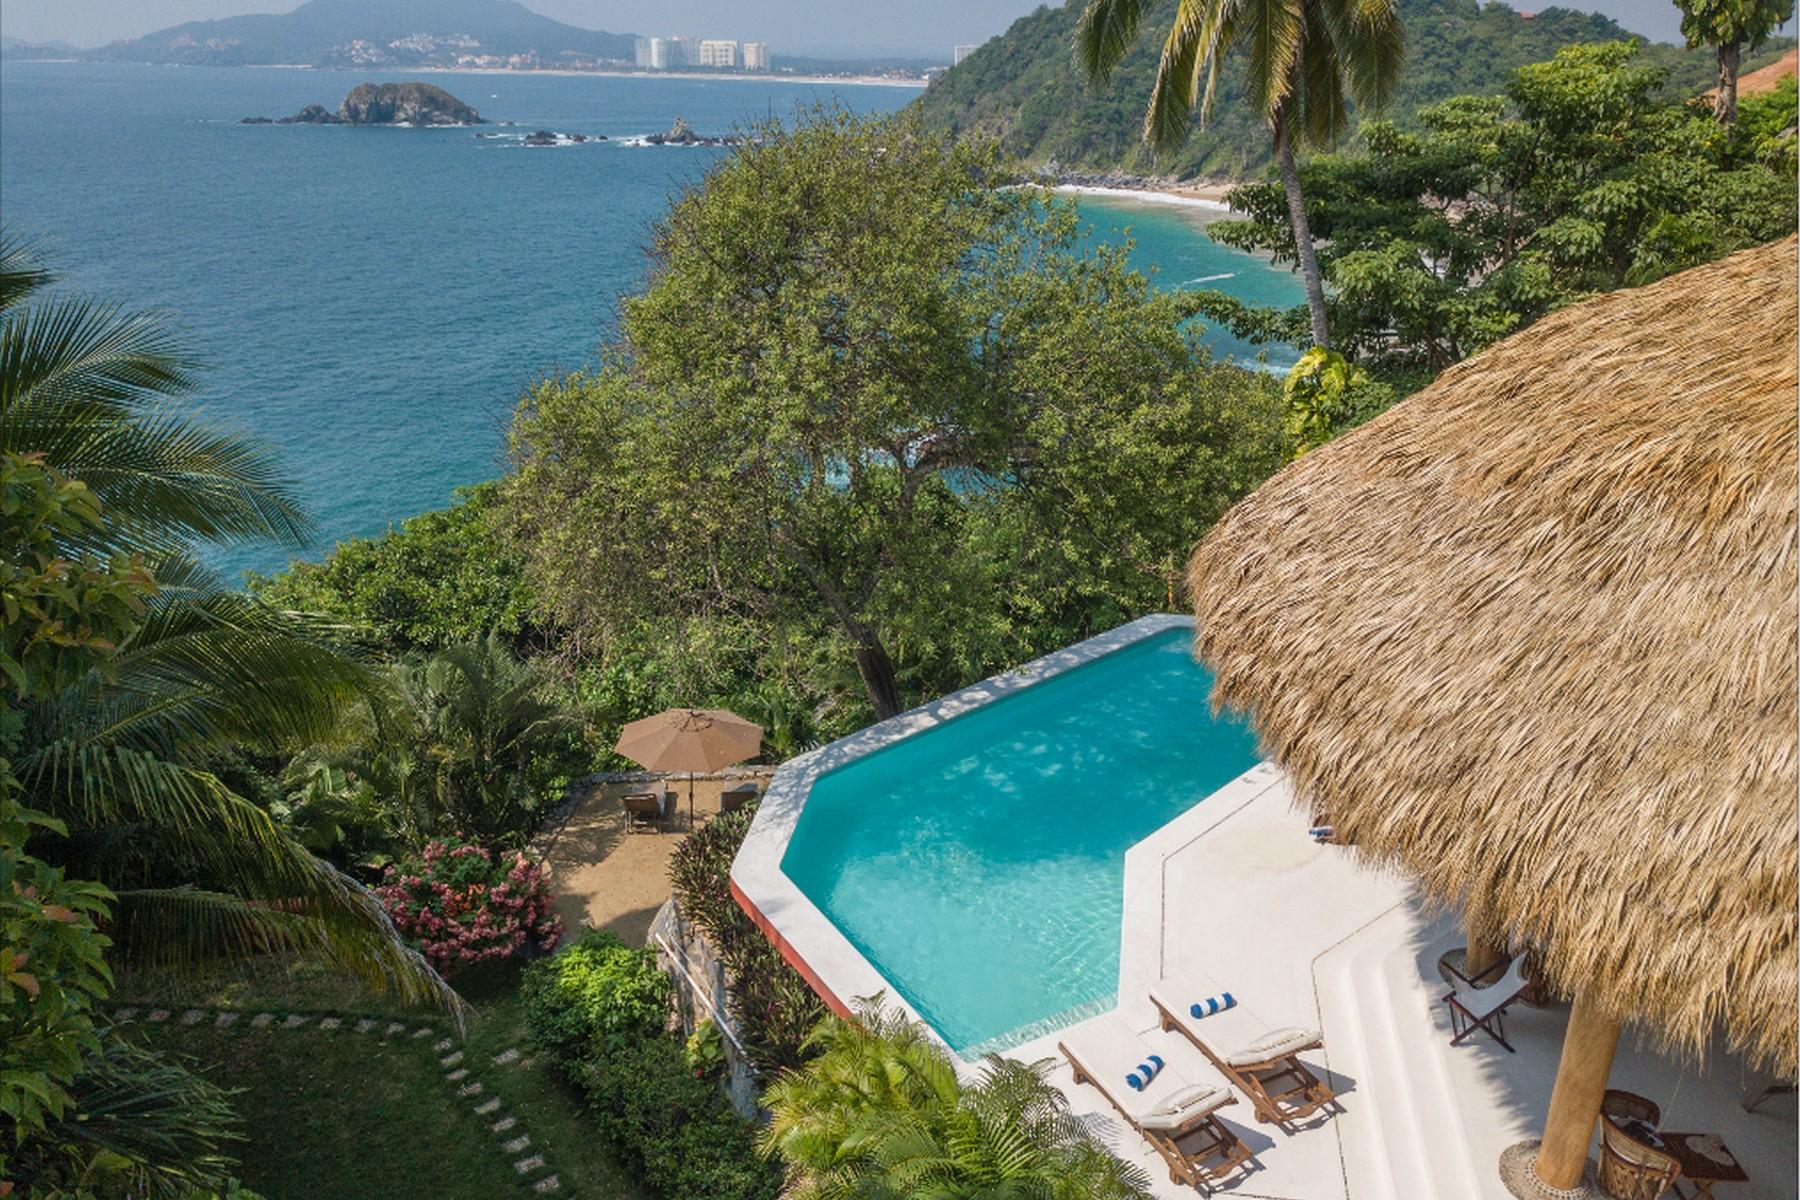 Vacation Rental Casa del Sol, Ixtapa - Zihuatanejo